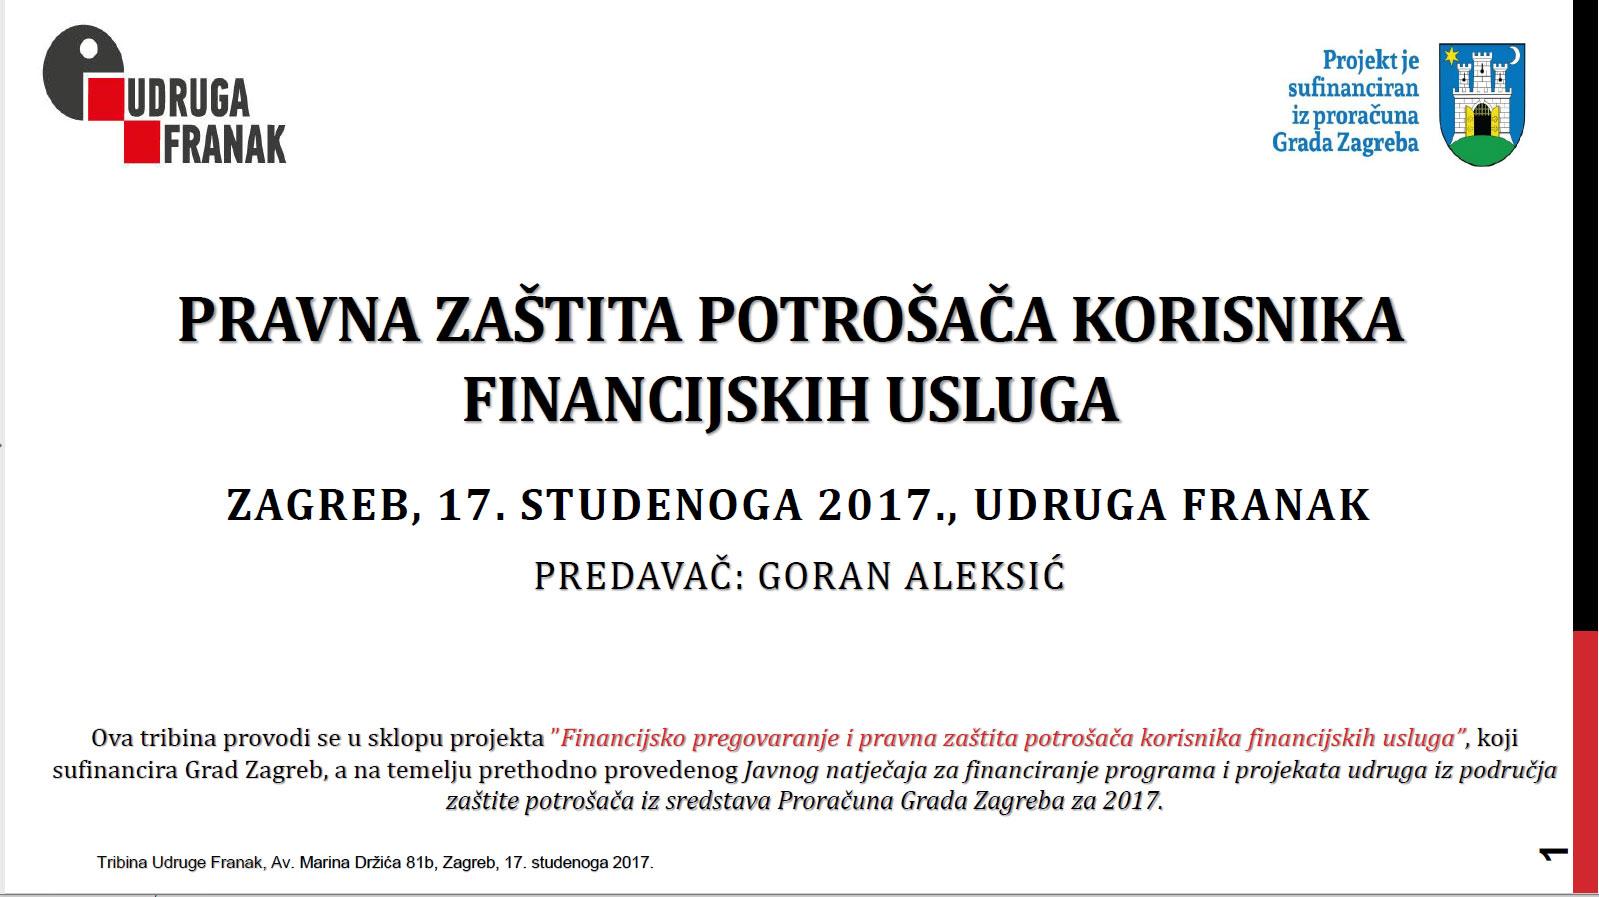 pravna_zastita_potrosaca_zgb_1117